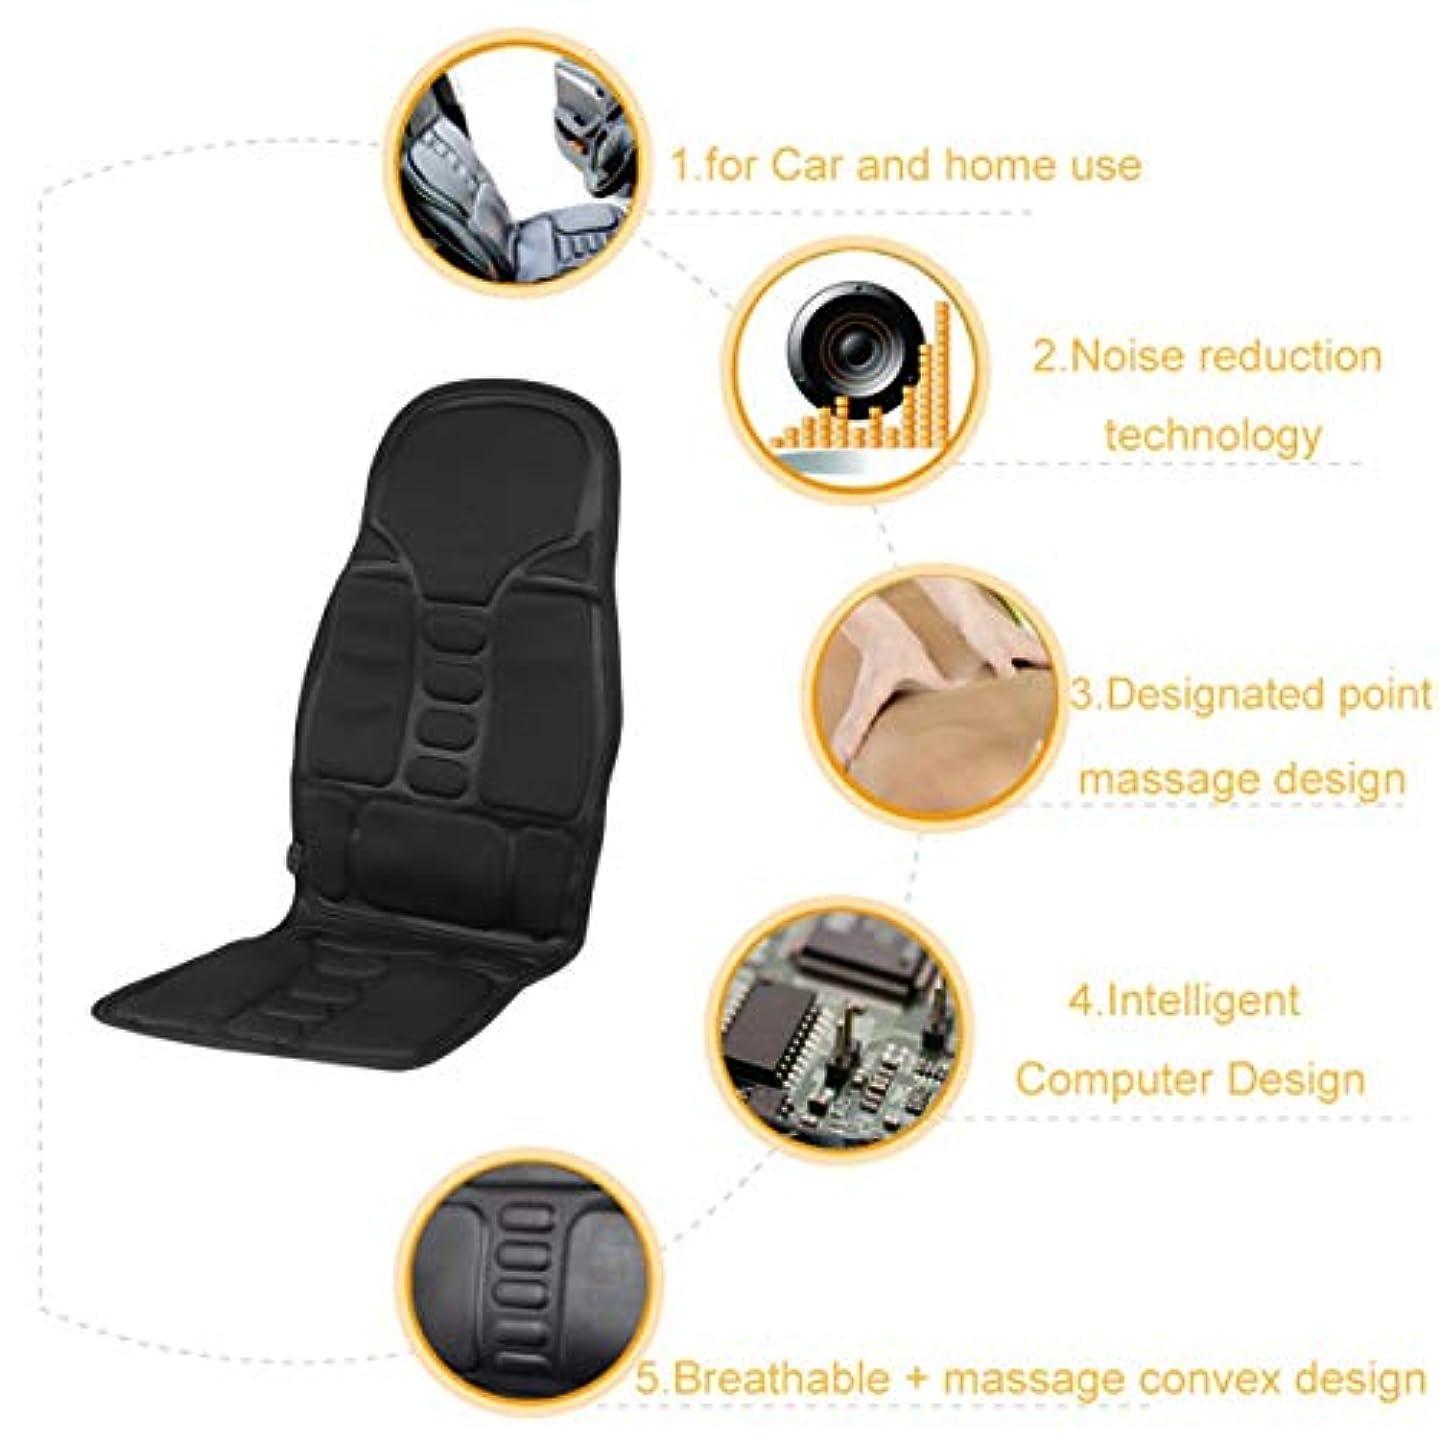 まさに差サイトProfessional Car Household Office Full Body Massage Cushion Lumbar Heat Vibration Neck Back Massage Cushion Seat